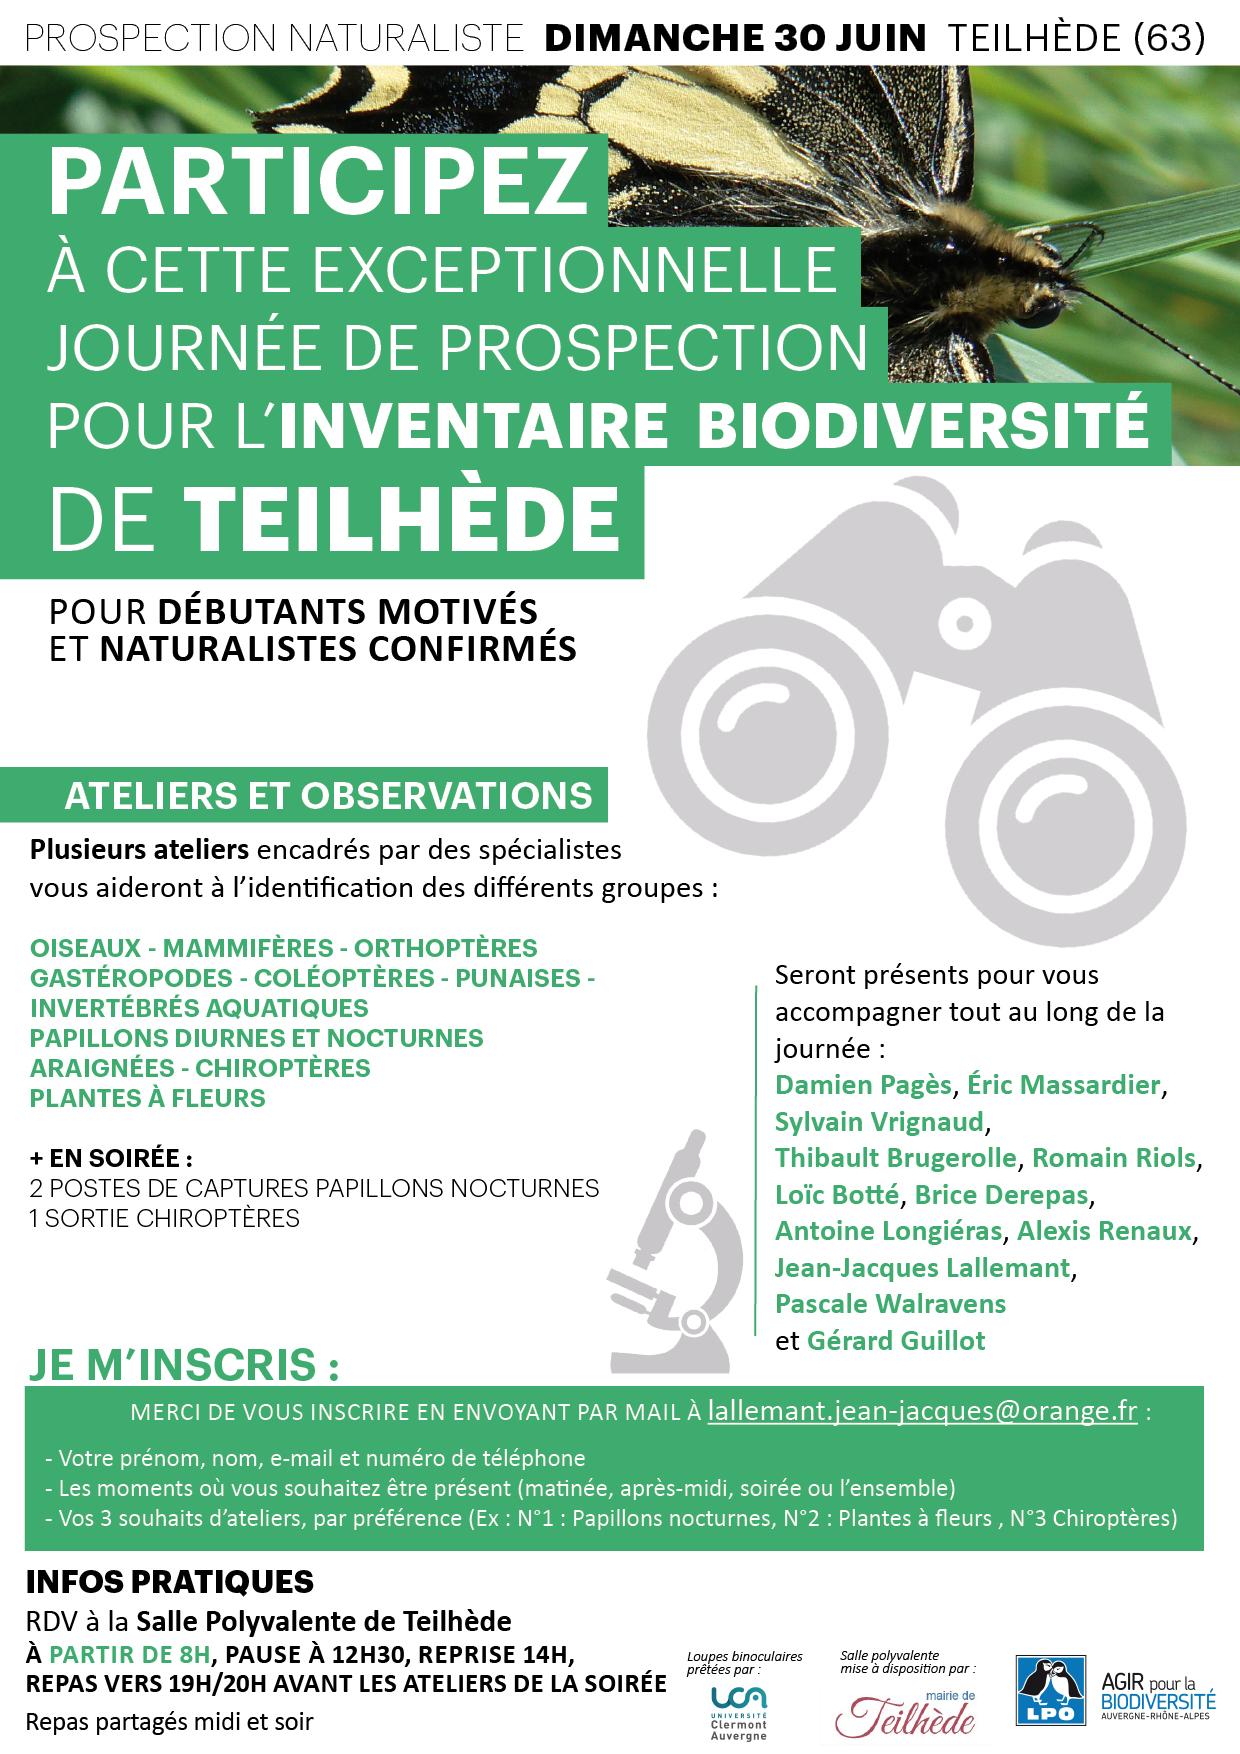 http://files.biolovision.net/www.faune-auvergne.org/userfiles/JournebiodiversitTeilhde-30juinmoyennedf.jpg